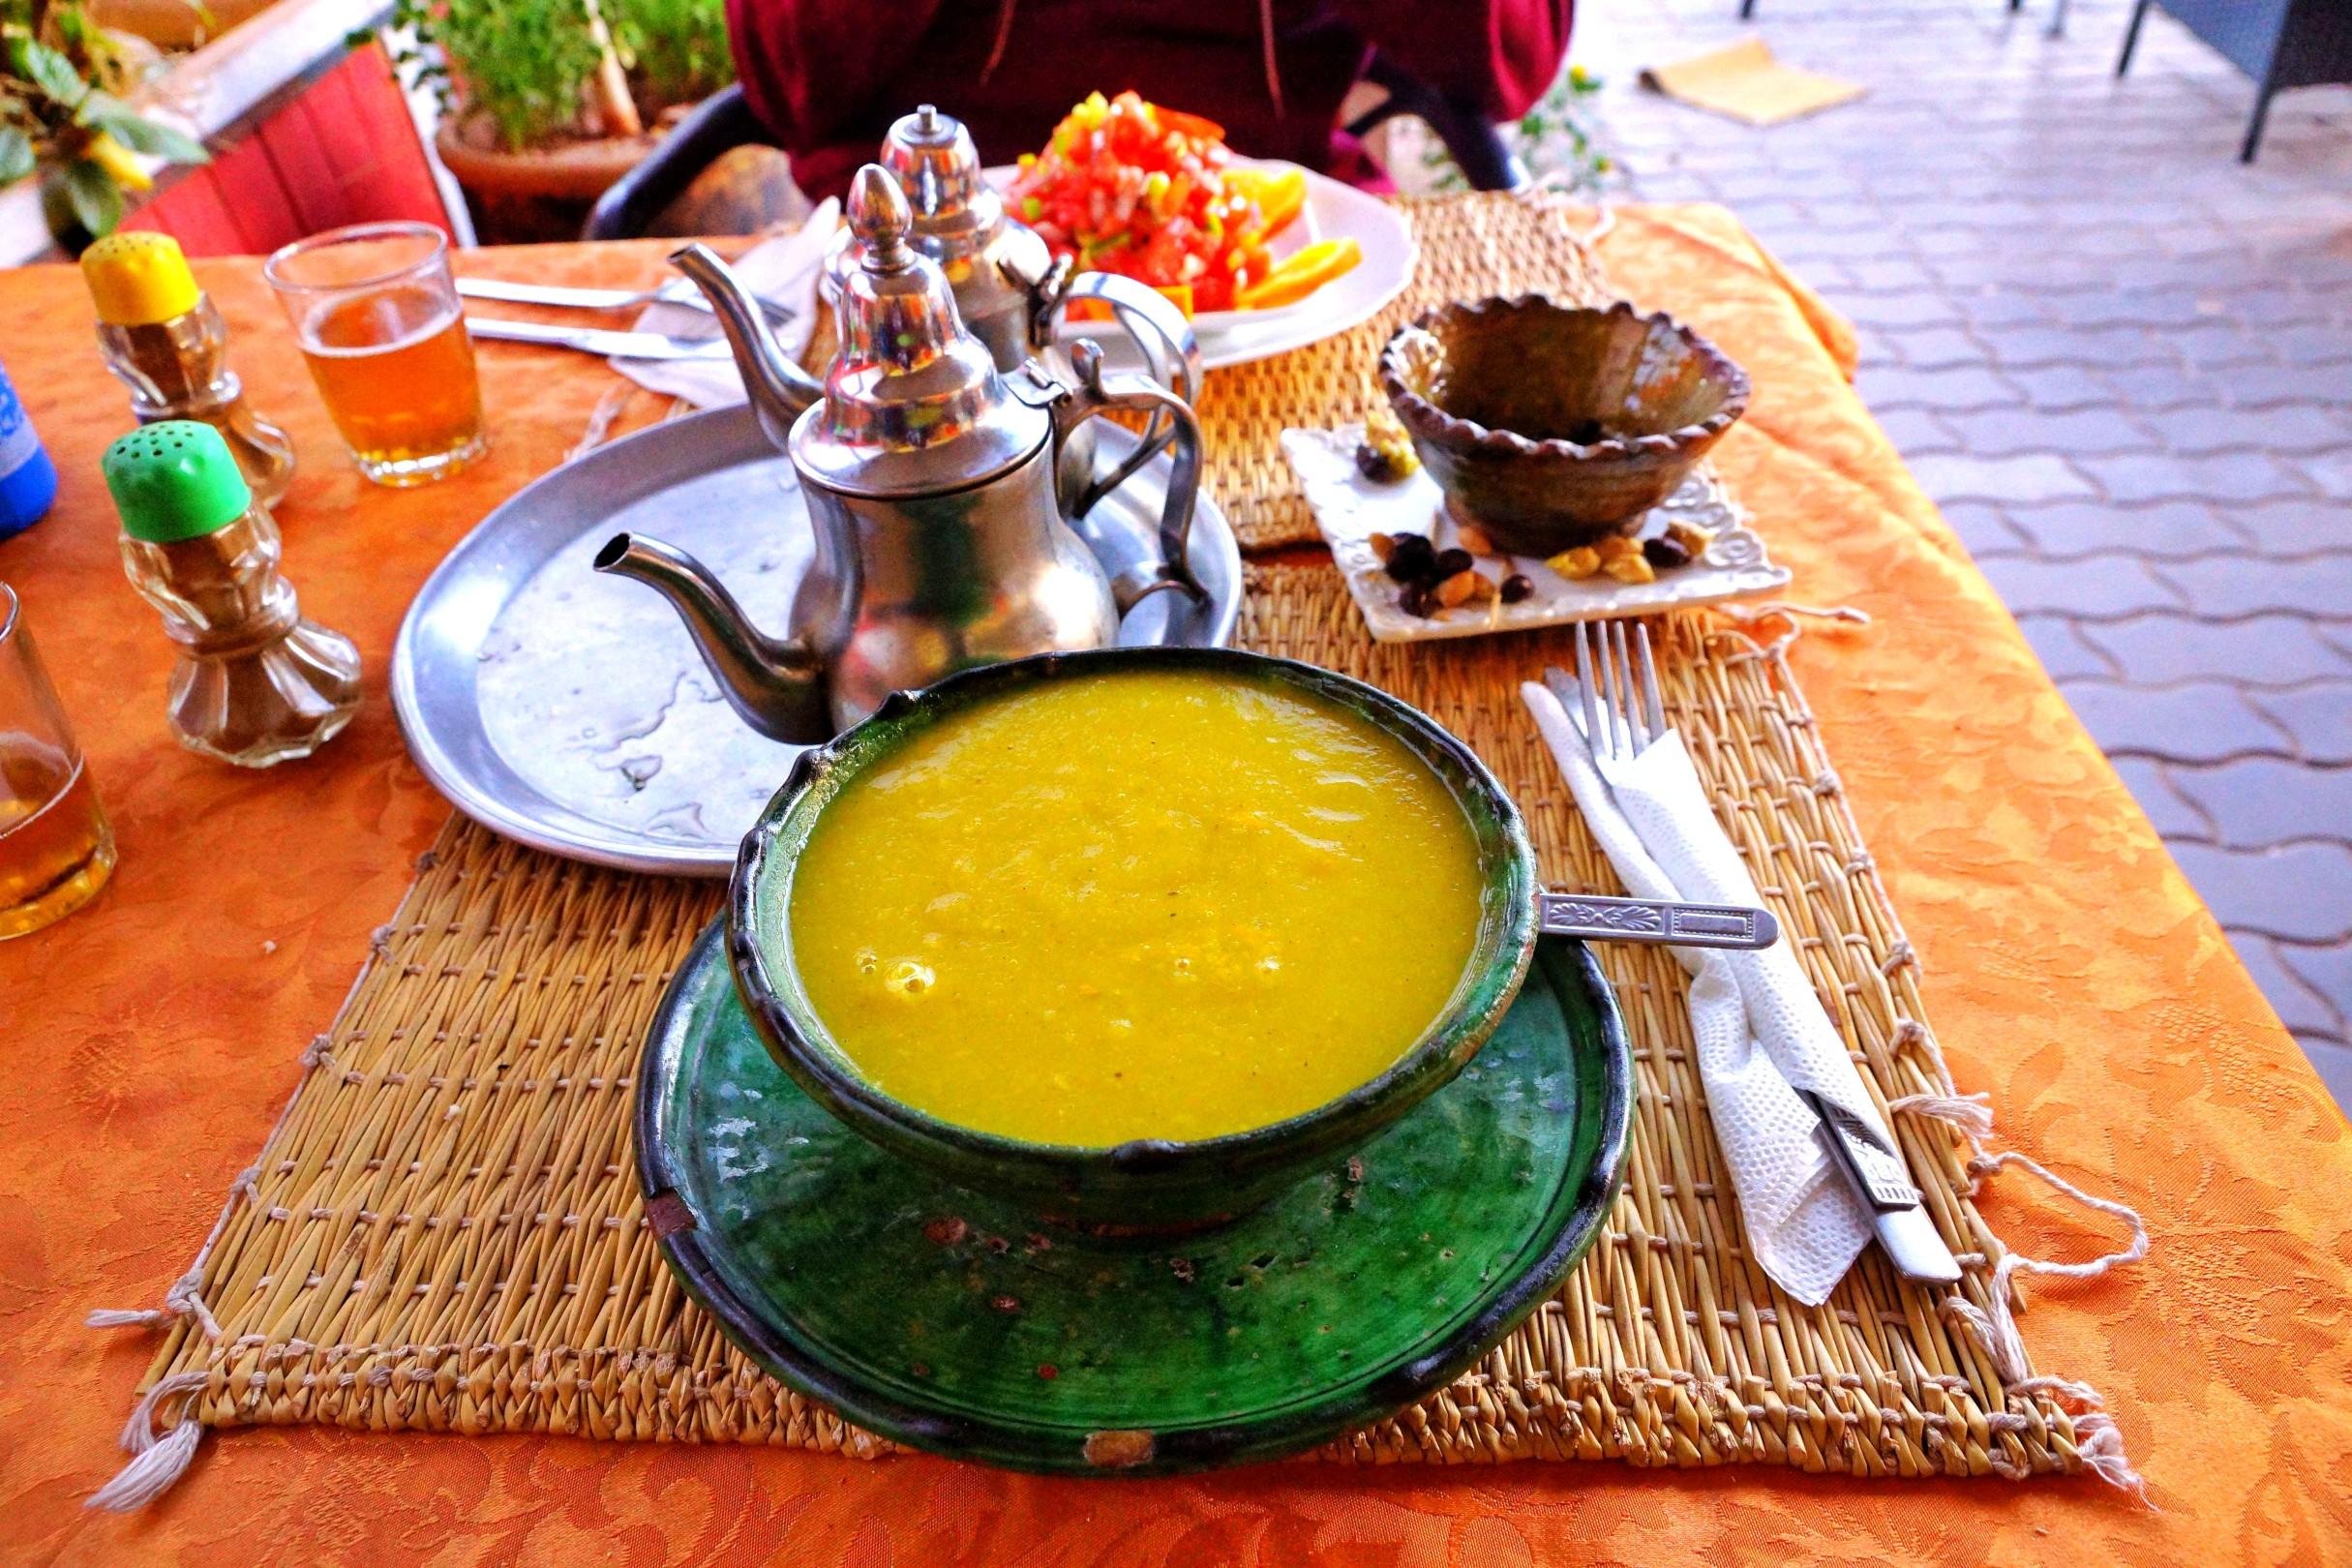 Fantastyczna zupa krem z jarzyn za 10 MAD (4 zł), marokańska herbata oraz w tle świetna sałatka za 15 MAD (6 zł). Kuchnia marokańska Wam się naprawdę spodoba.